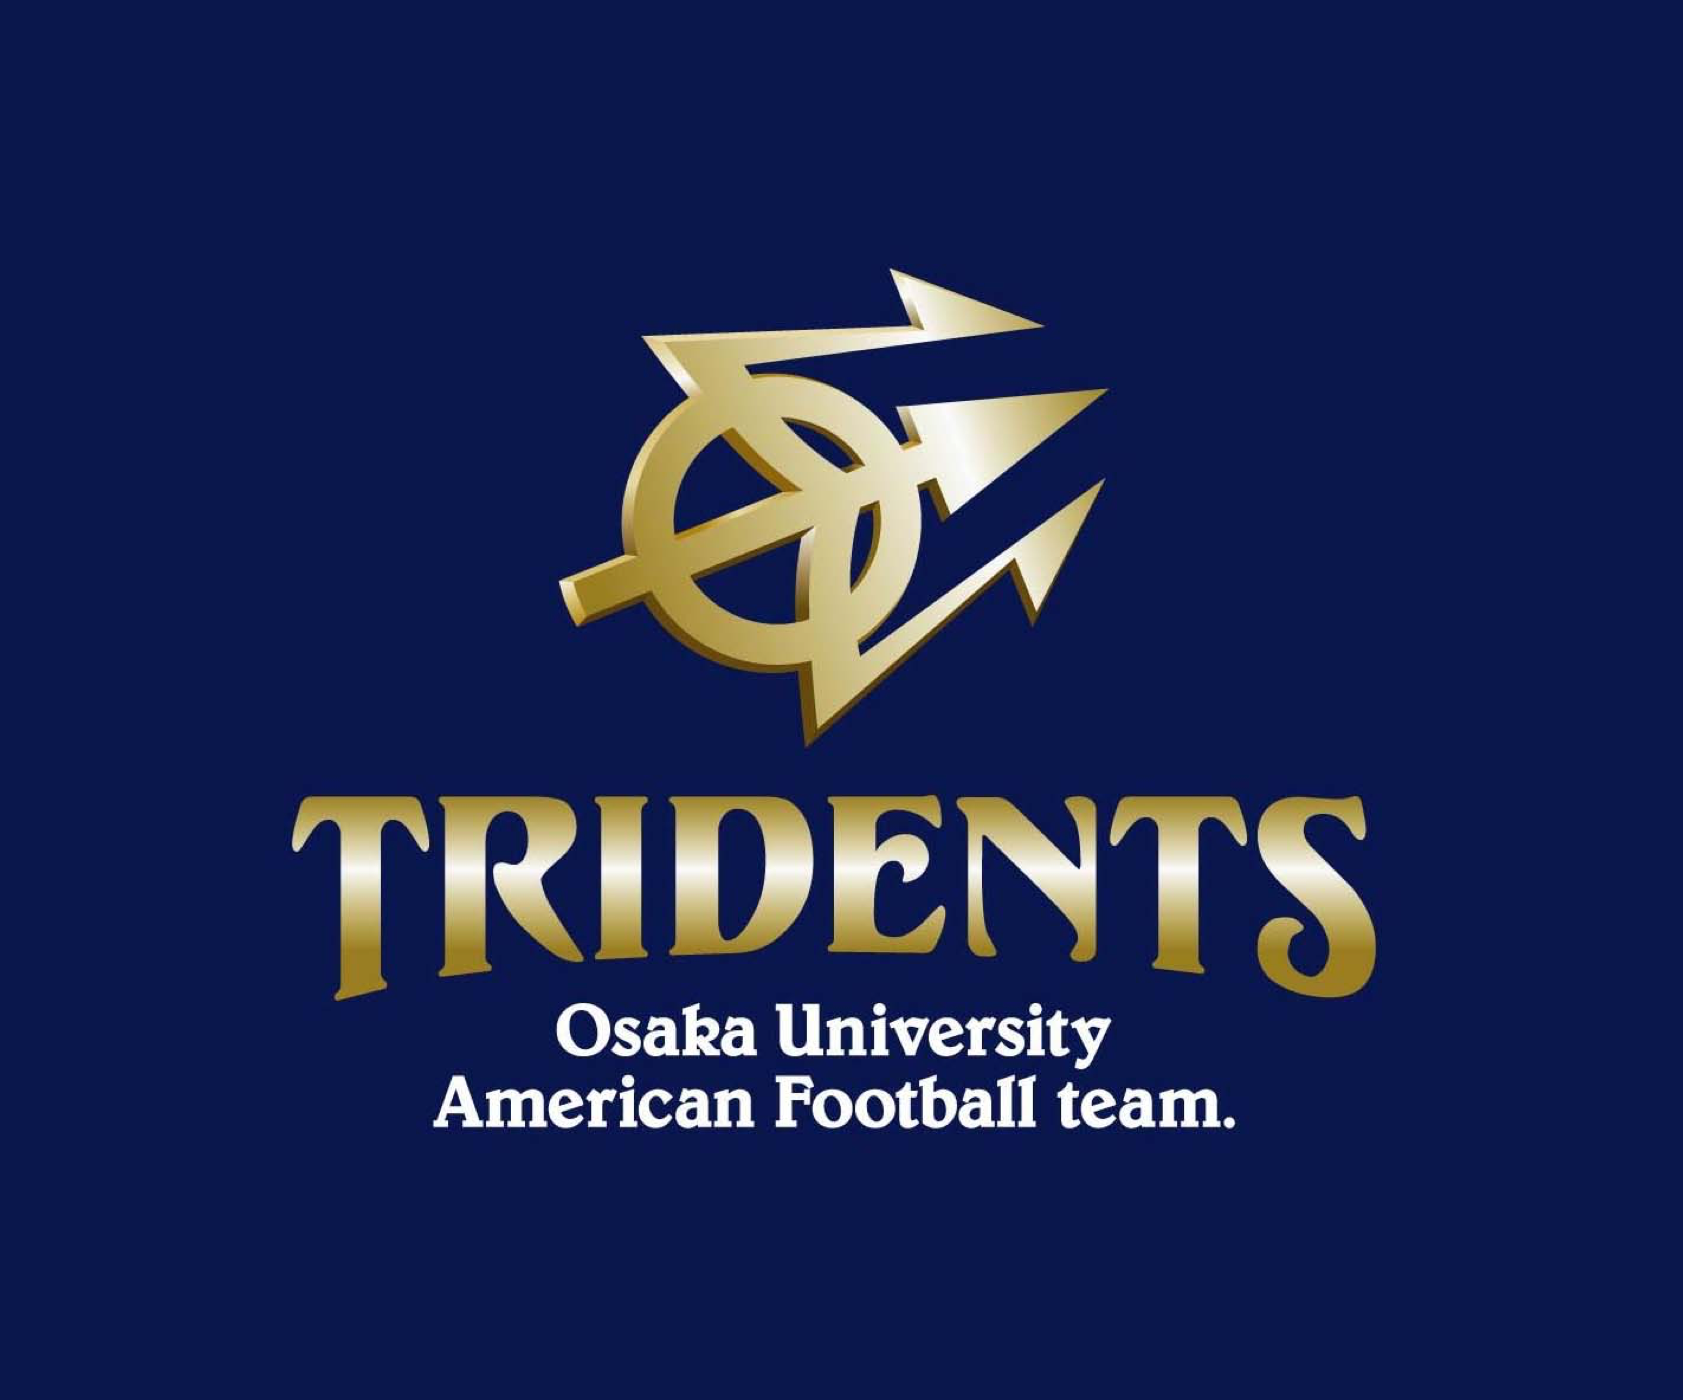 【チームブランデイング事例】大阪大学アメリカンフットボール部トライデンツ